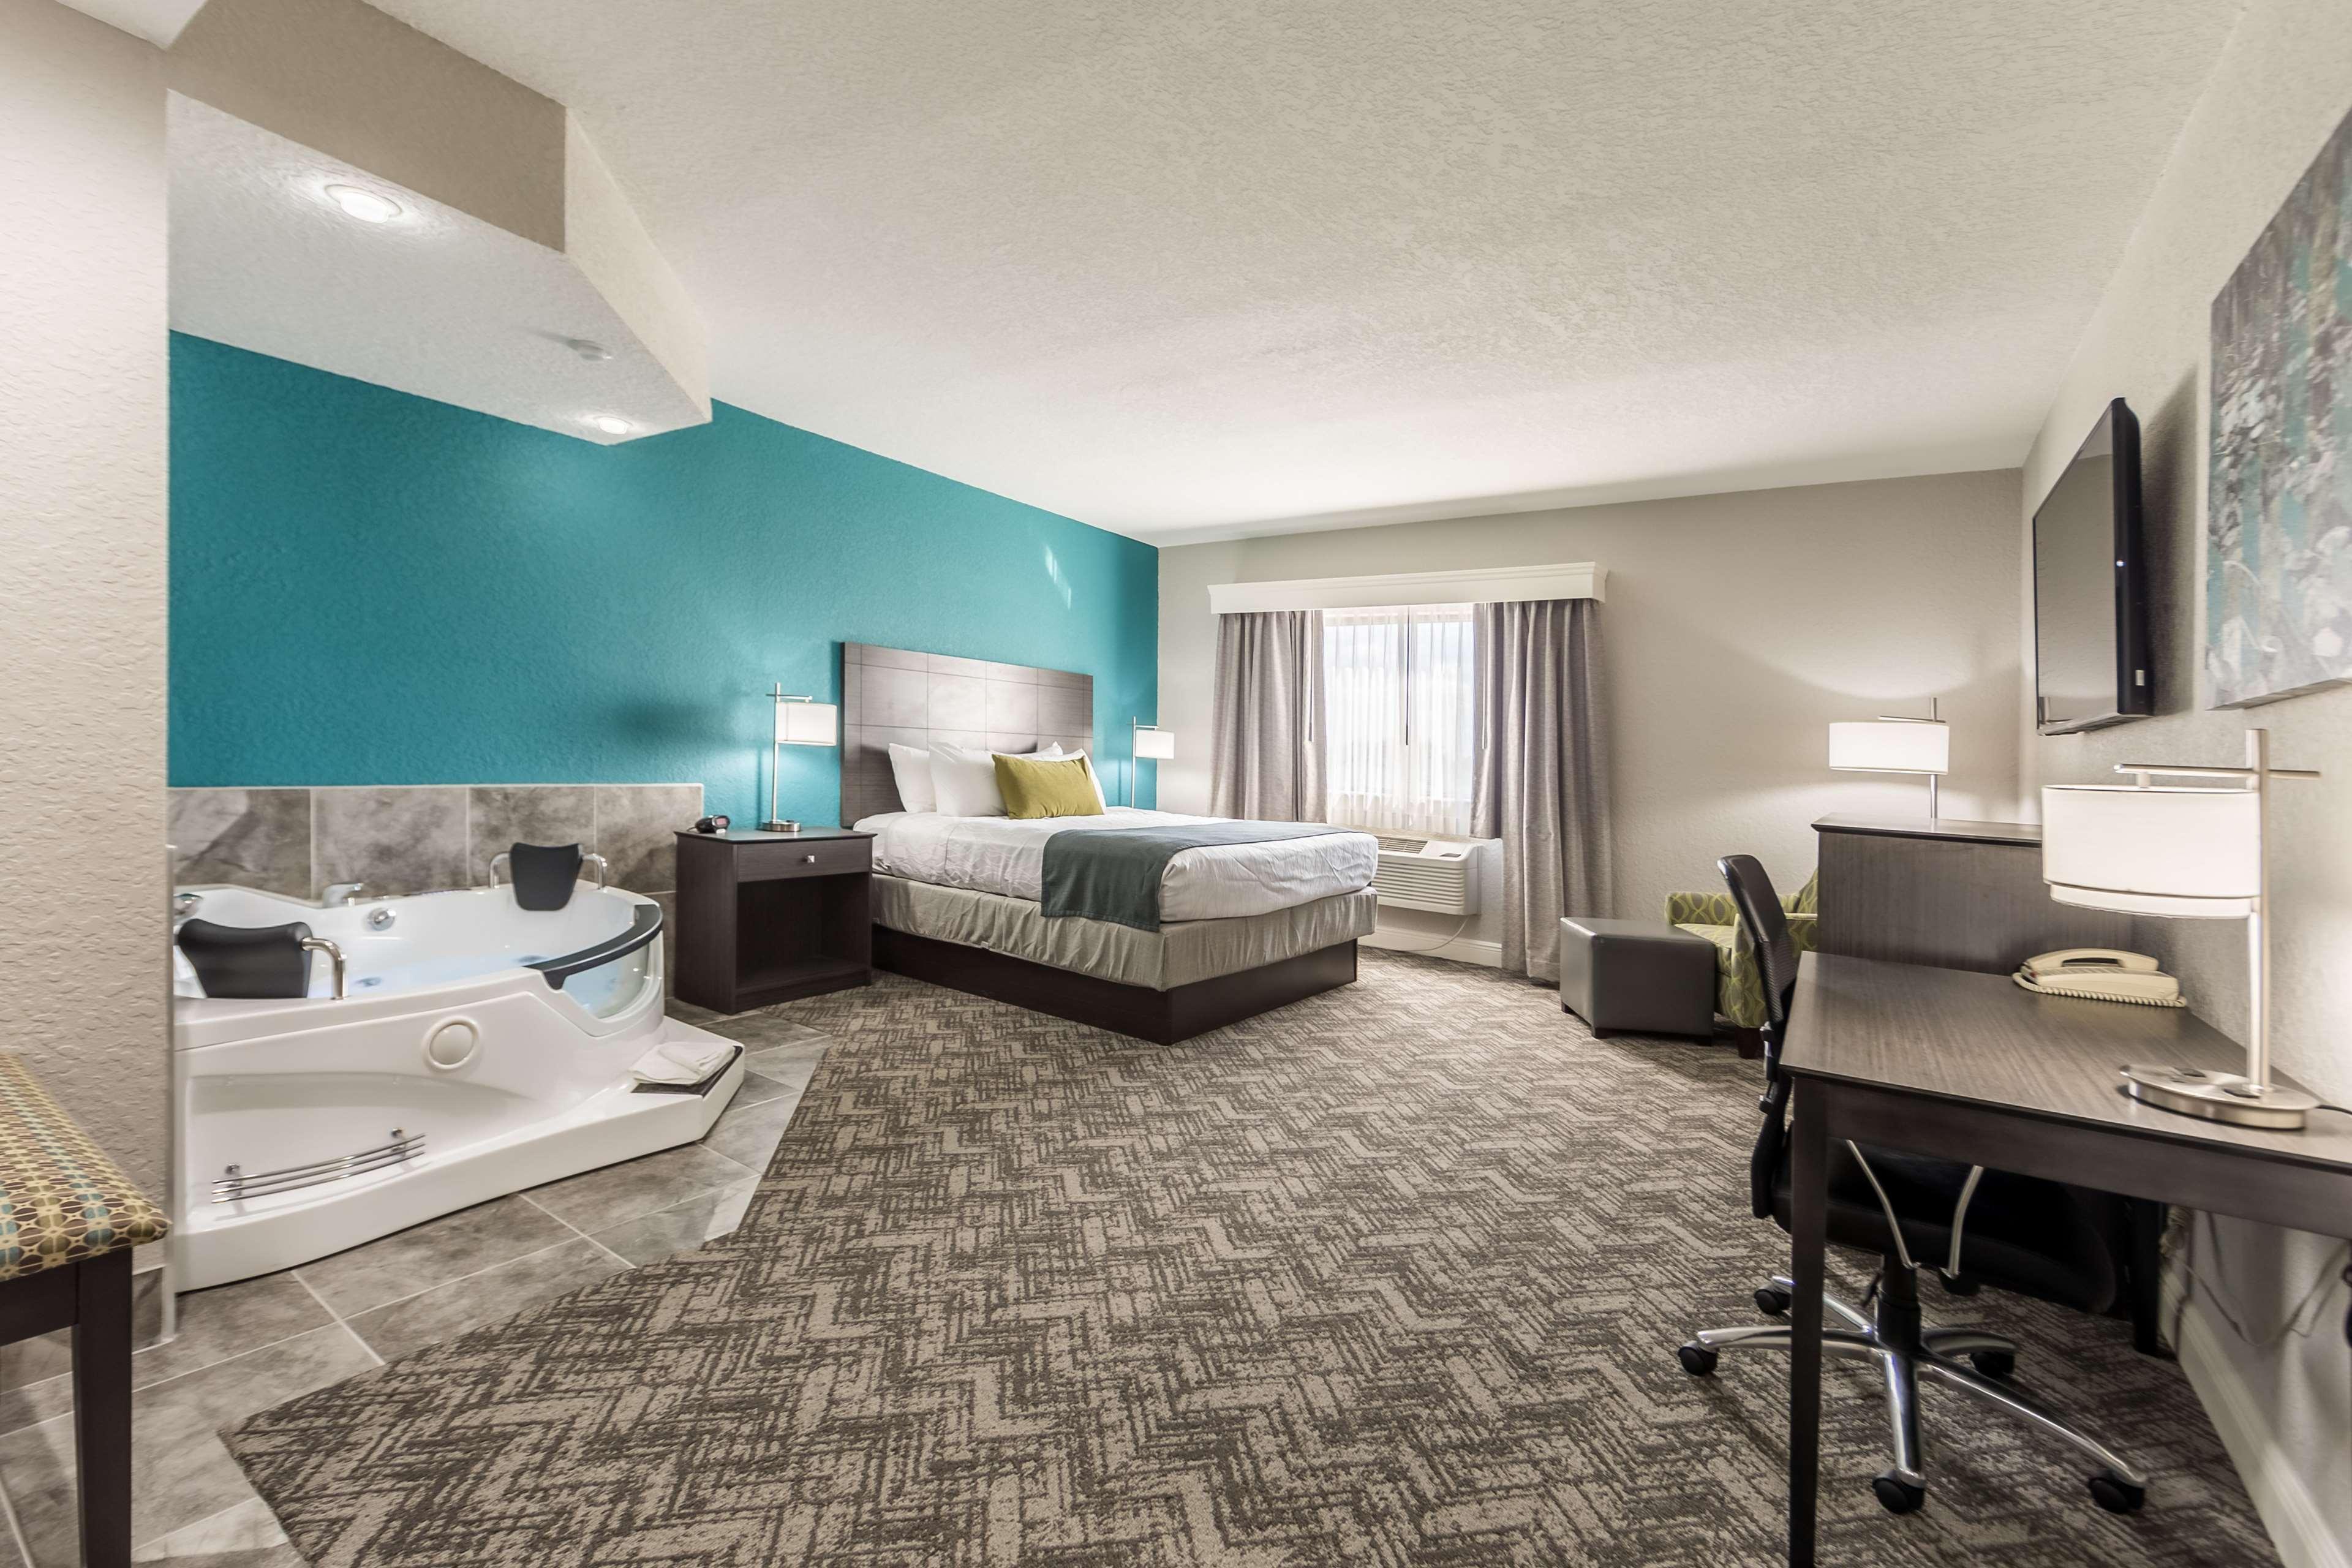 Best Western Plus Sebastian Hotel & Suites image 49